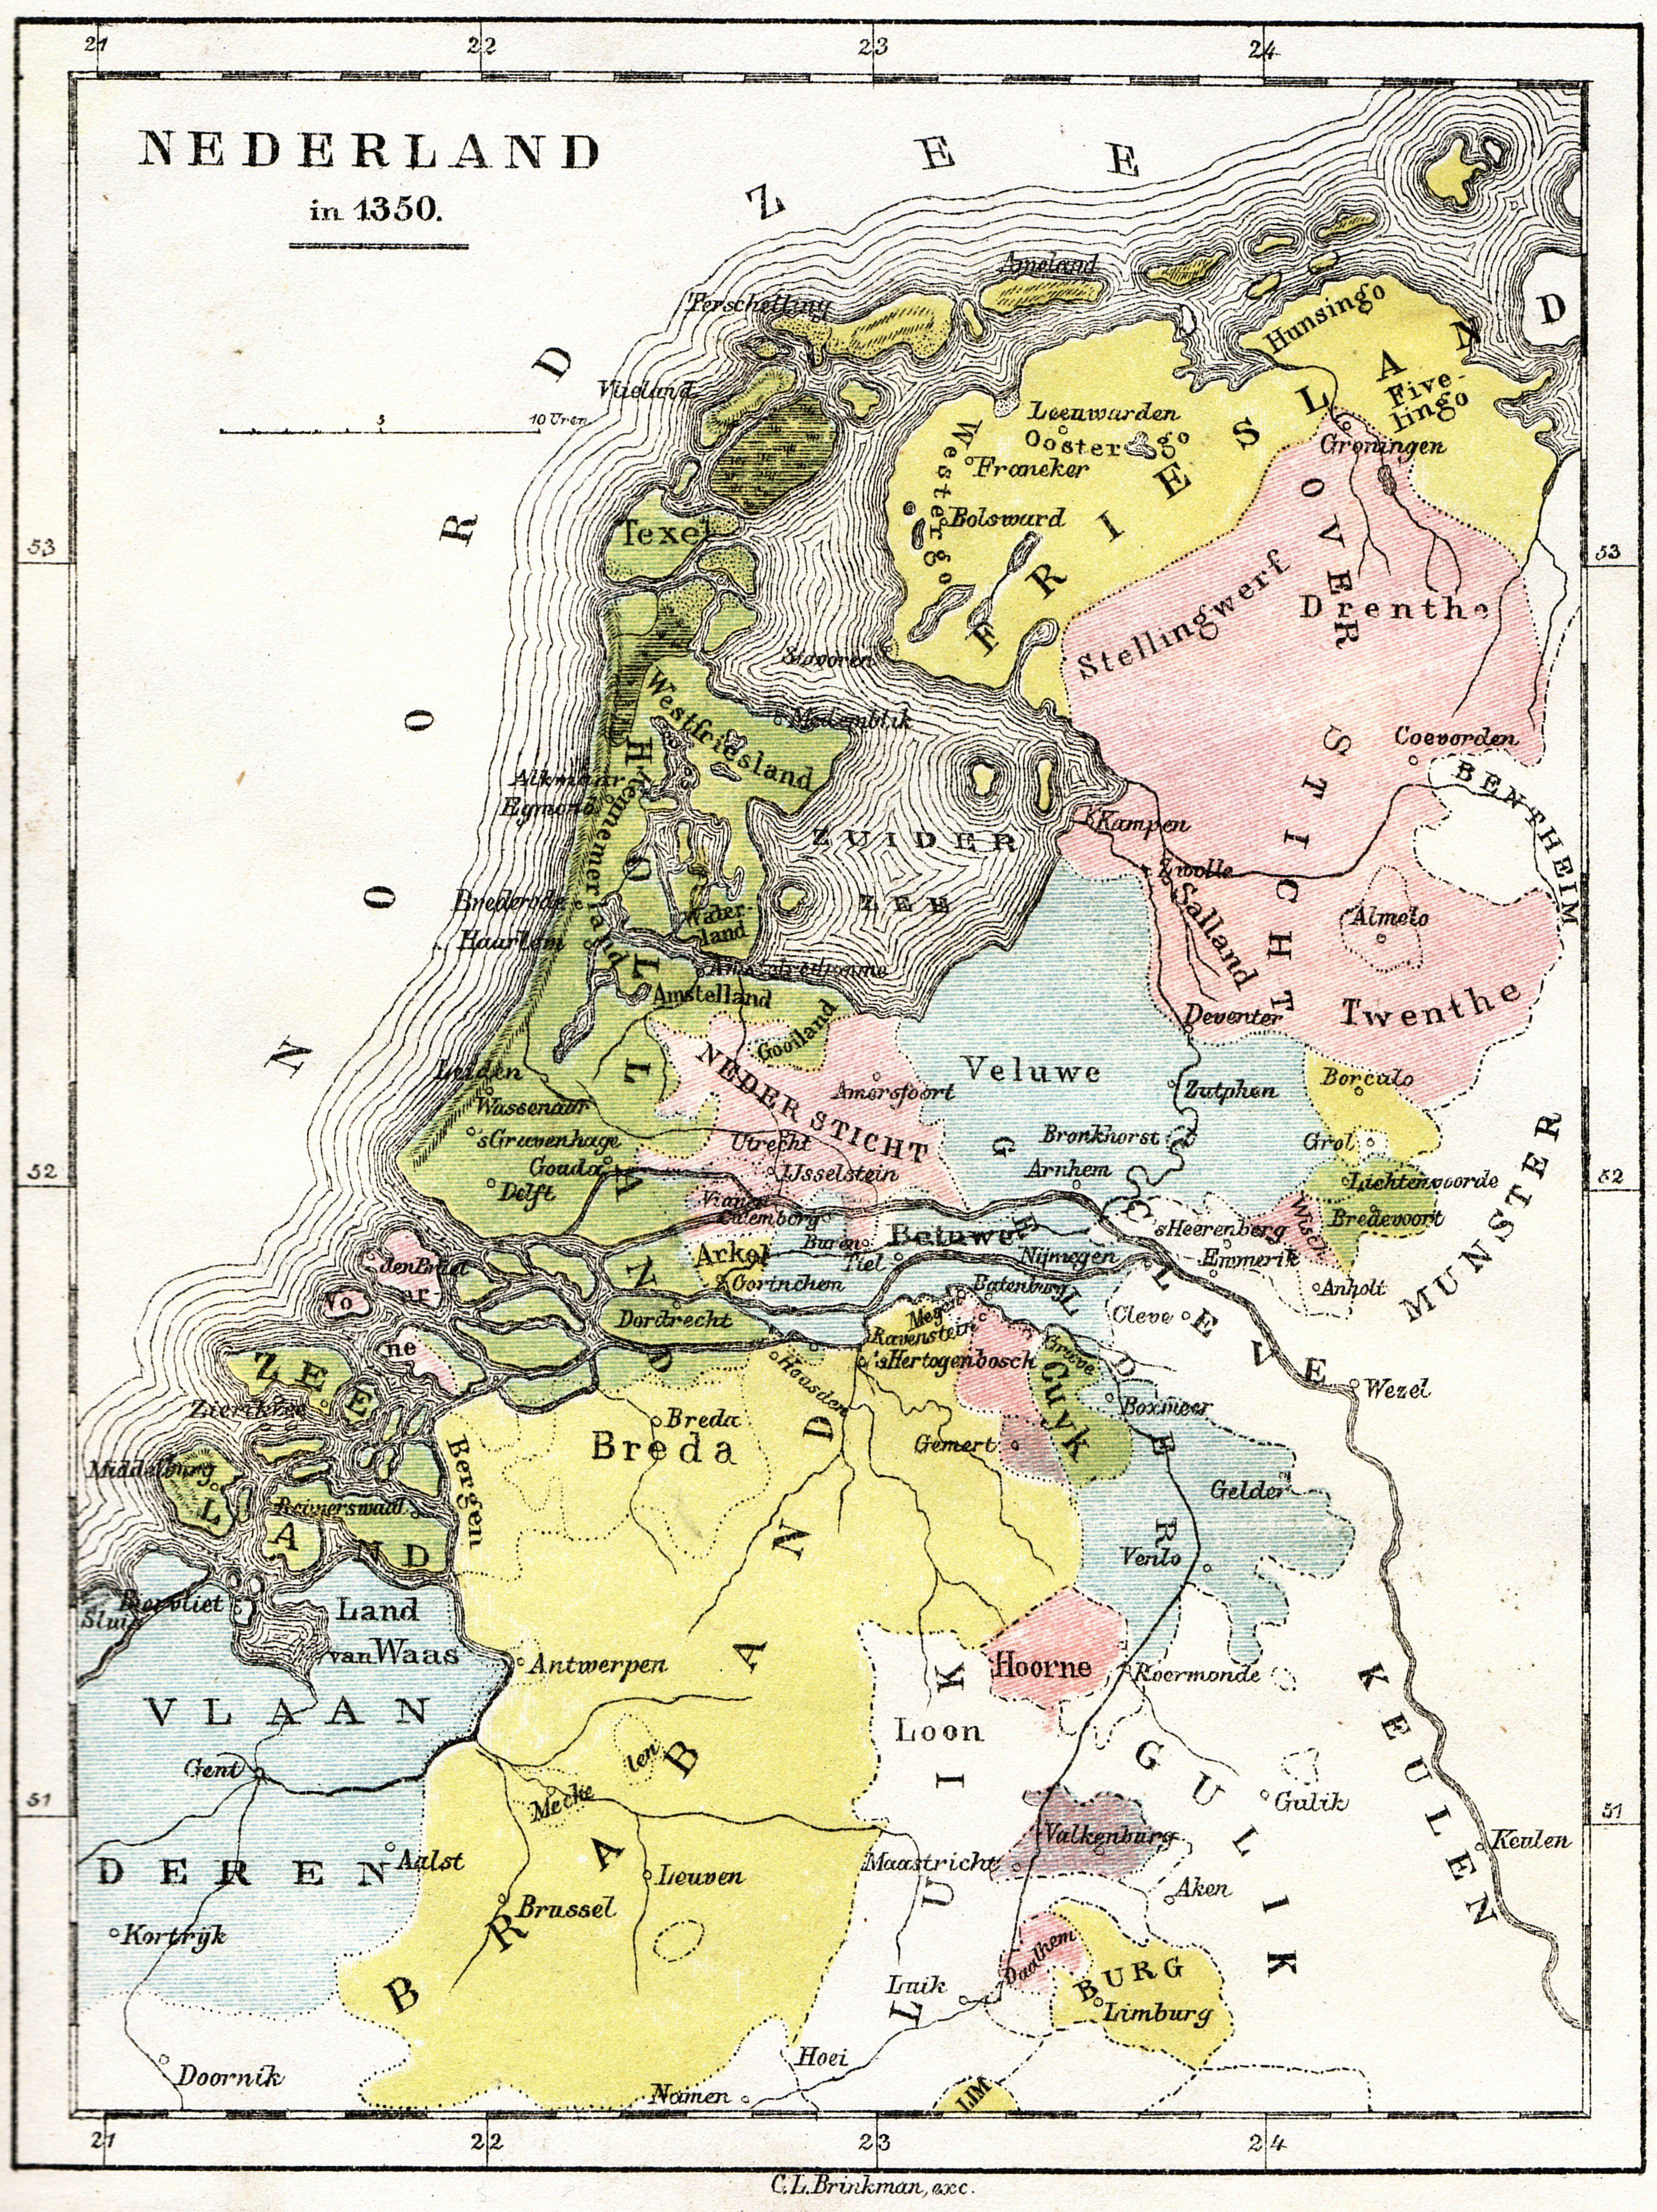 Cl Brinkman Nederland 1350 Maps Holland Map Netherlands